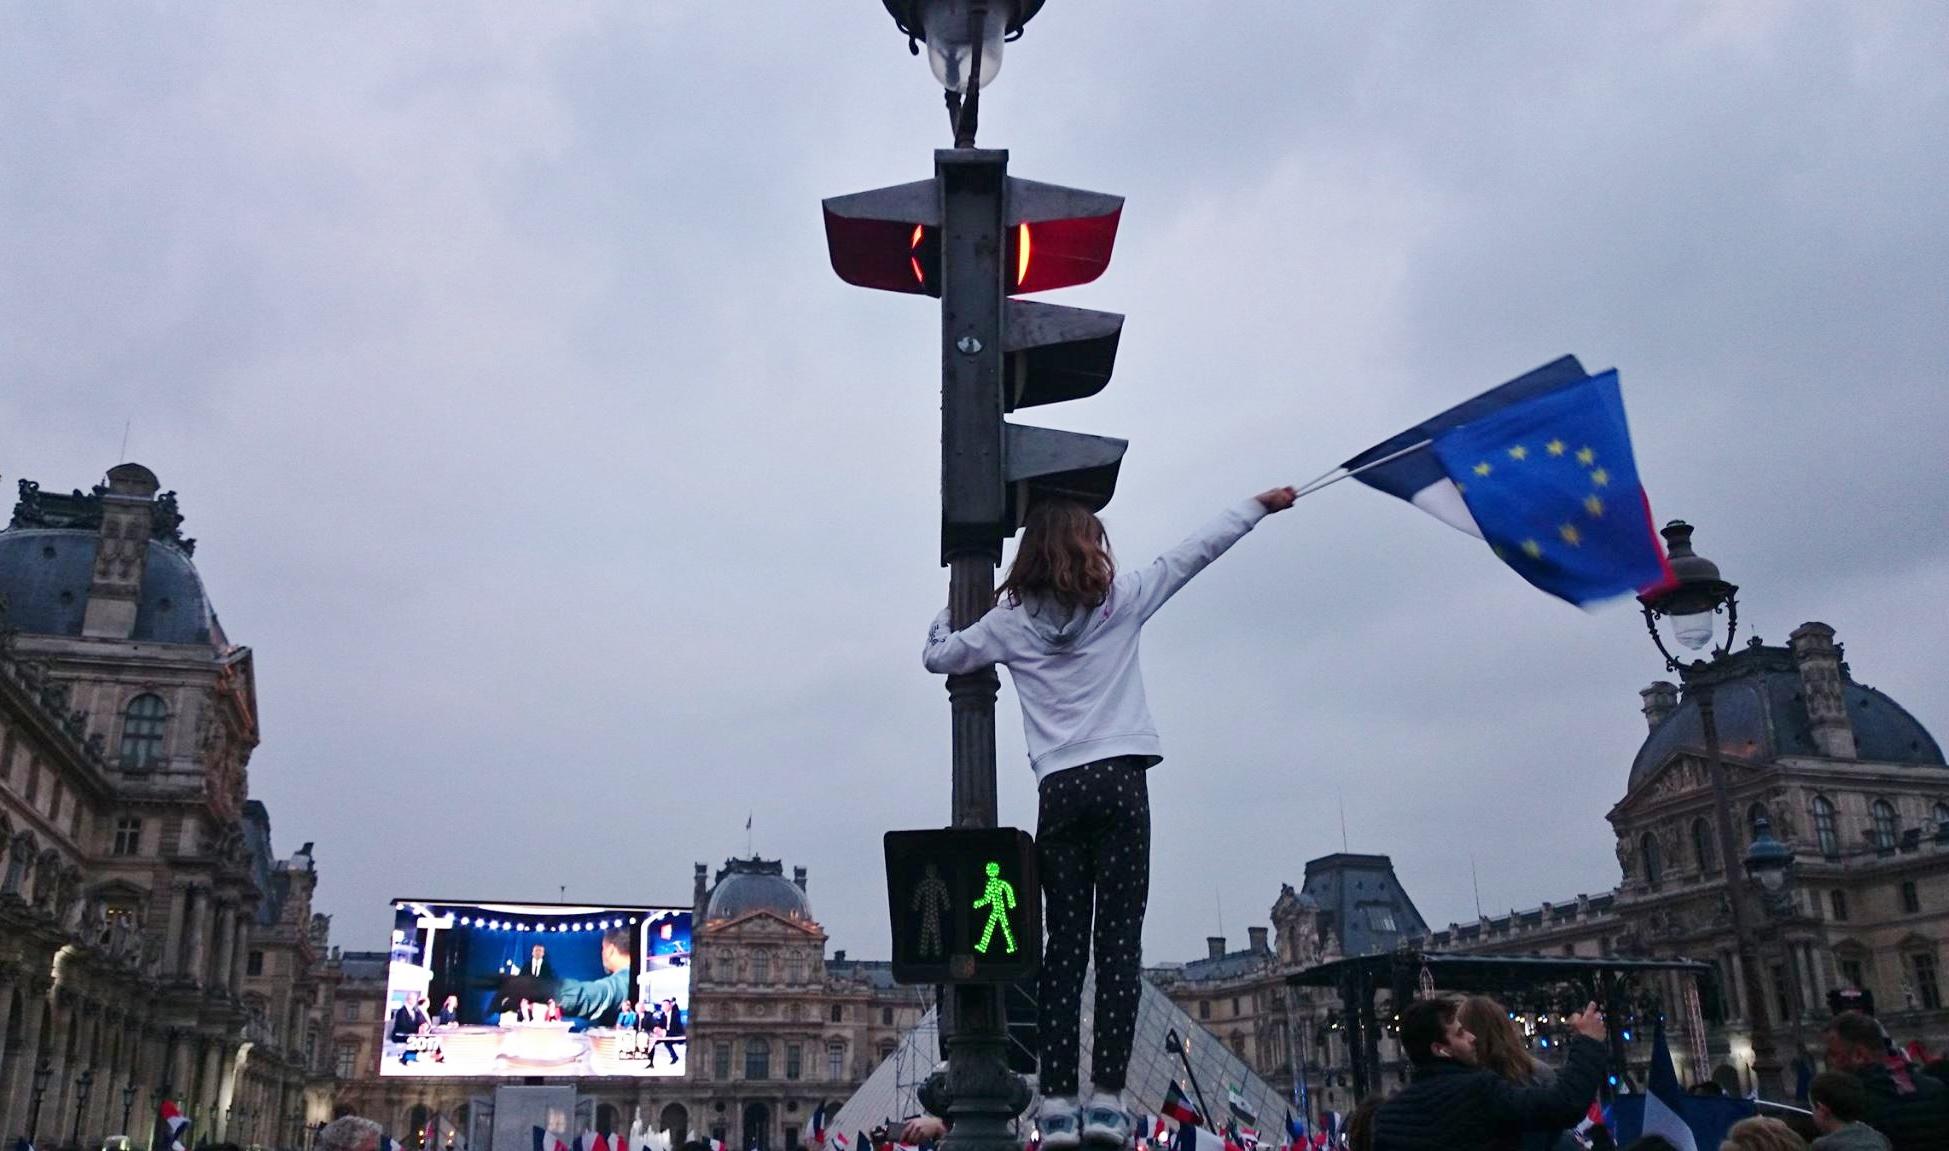 フランス大統領選が示した民主政治の変貌(上)